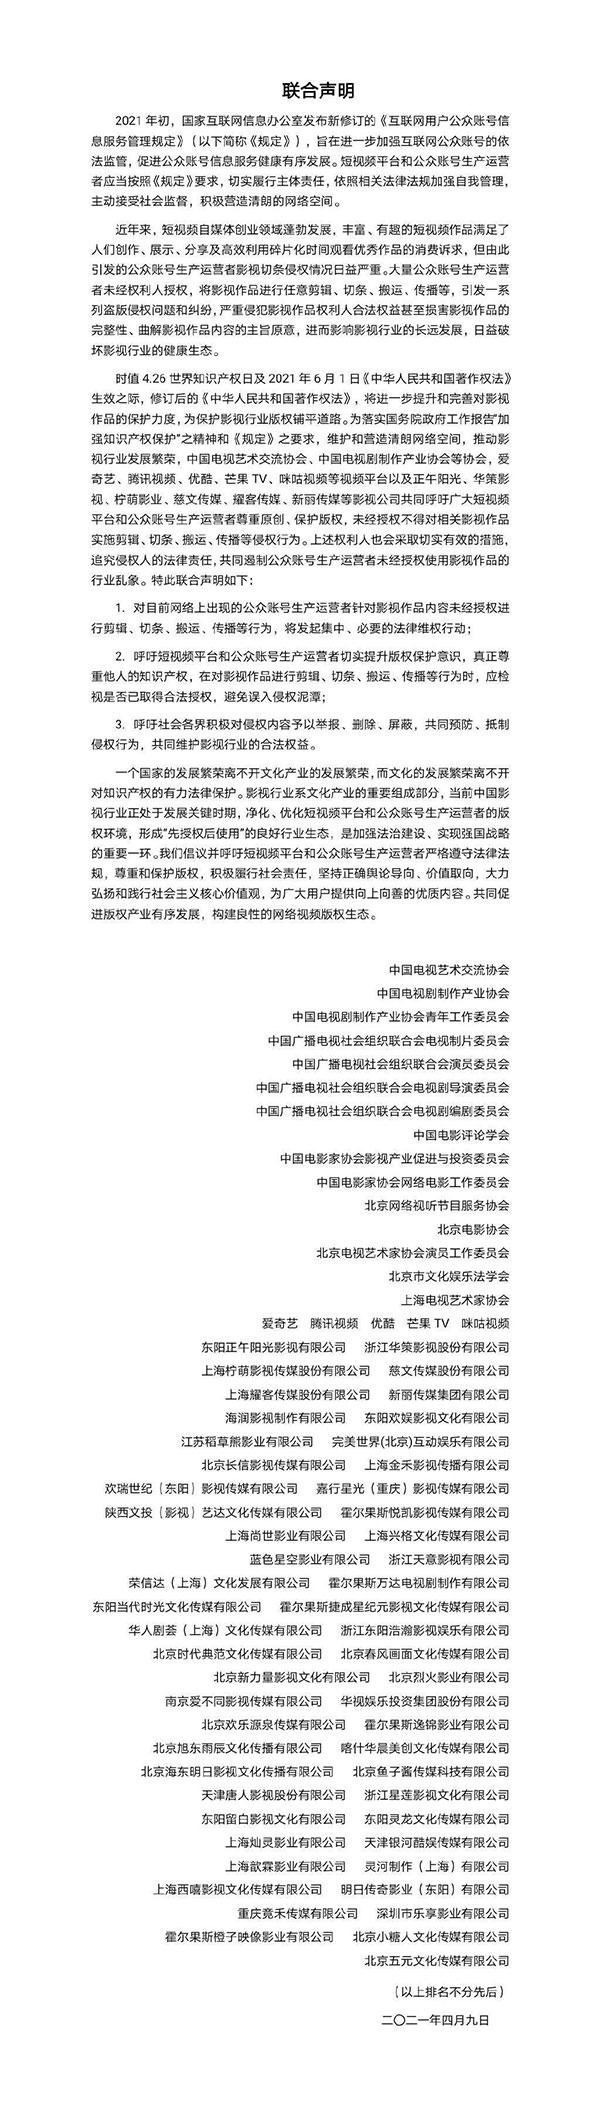 视频网站发布关于保护影视版权的联合声明